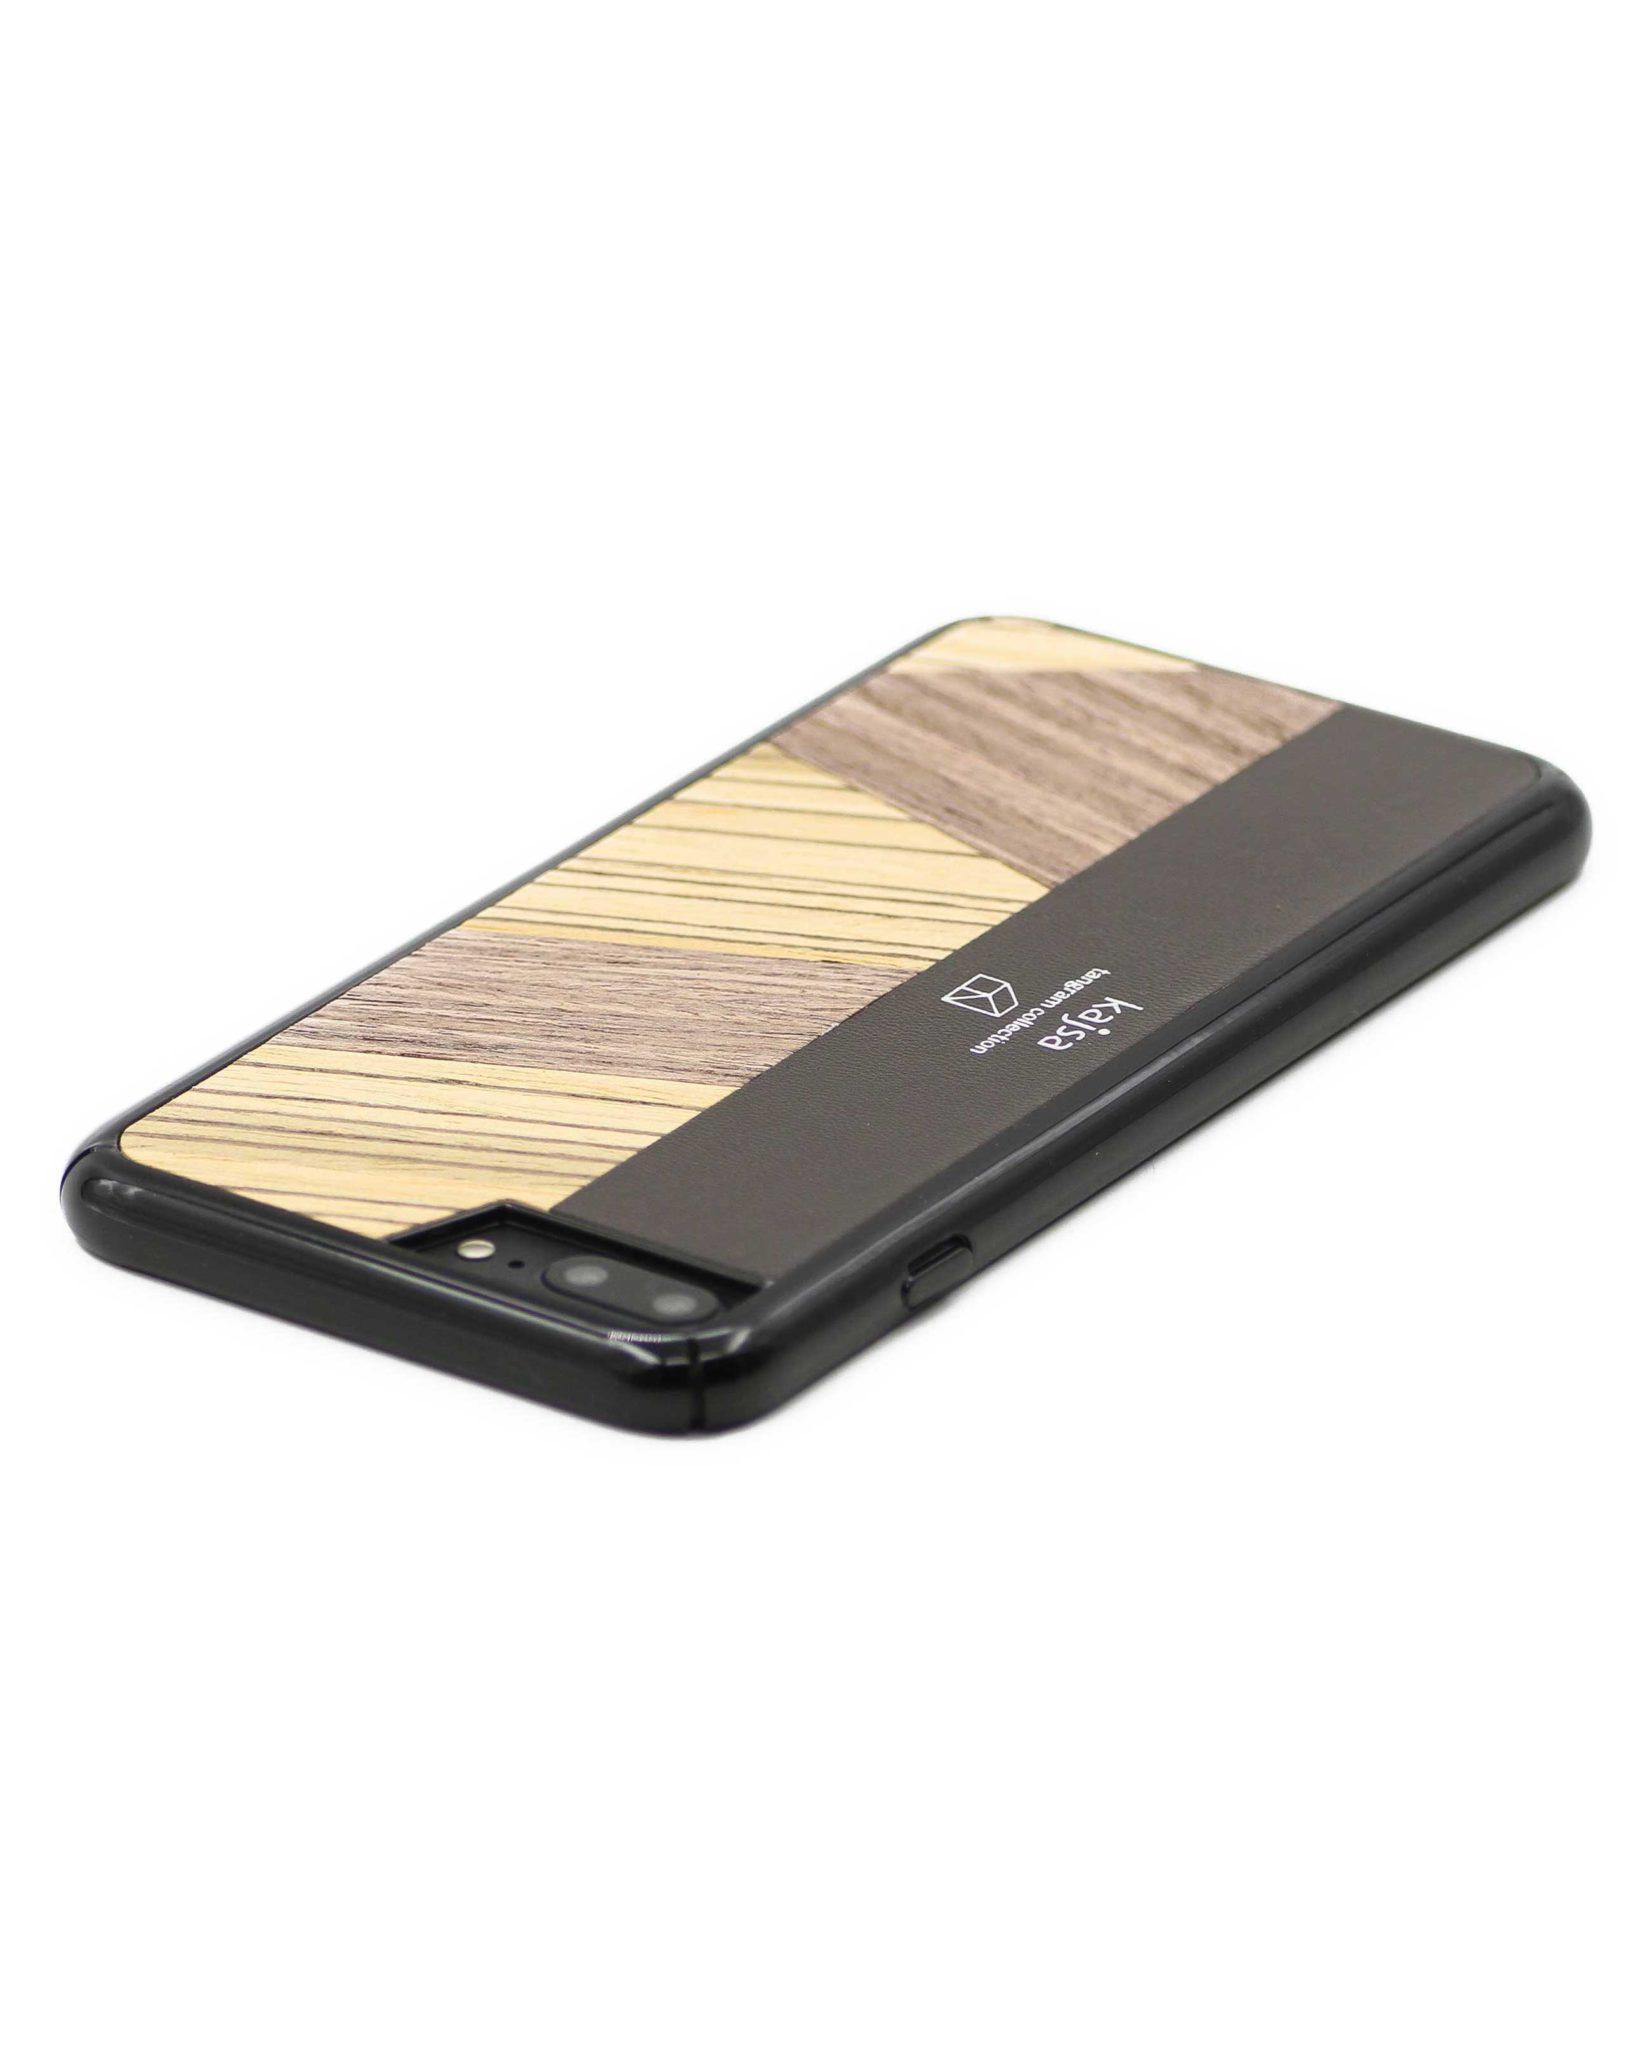 Perspektivisches Foto einer braunen Schutzhülle Case aus echtem Holz kombiniert mit echtem Leder für das iPhone 8 Plus, das iPhone 8, das iPhone 7 und das iPhone 7 Plus.